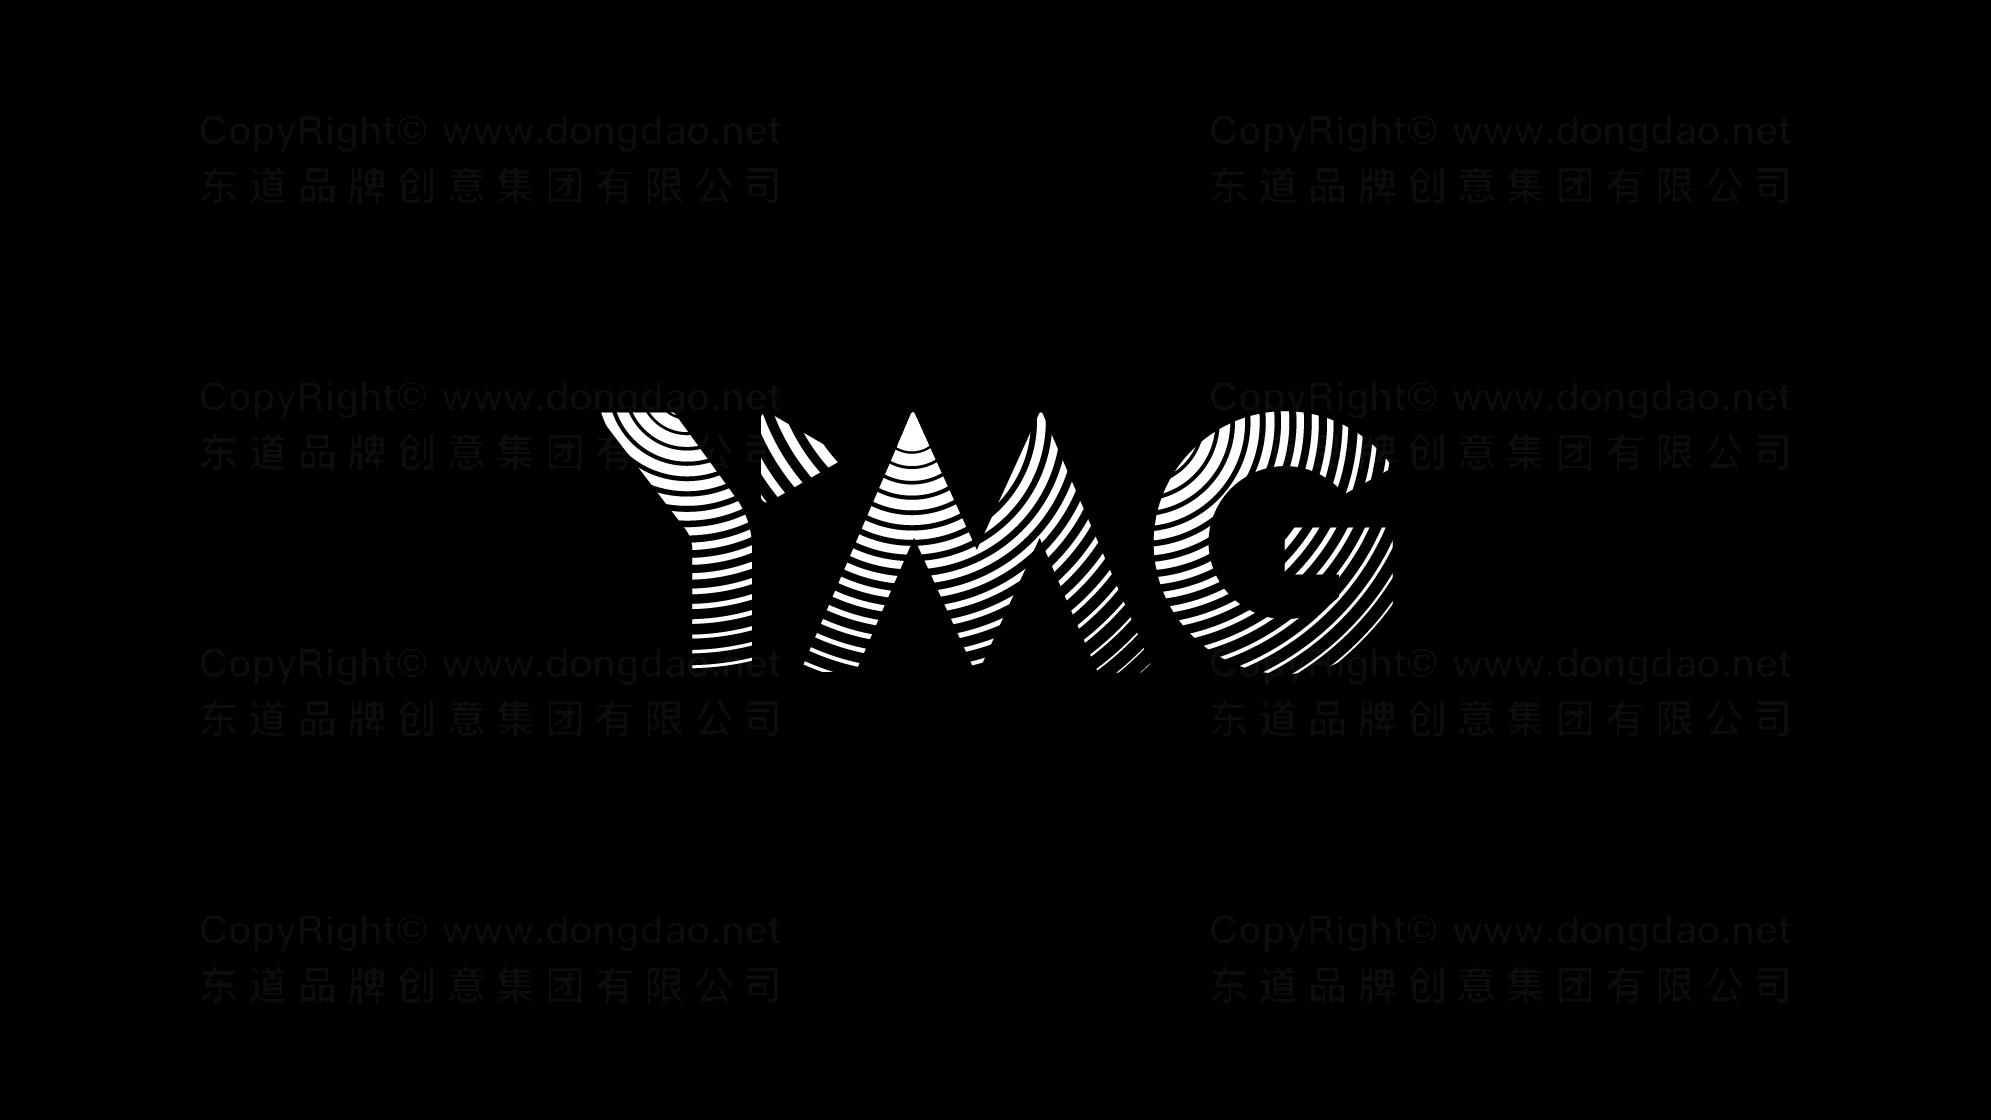 品牌设计余杭传媒logo设计、vi设计应用场景_2